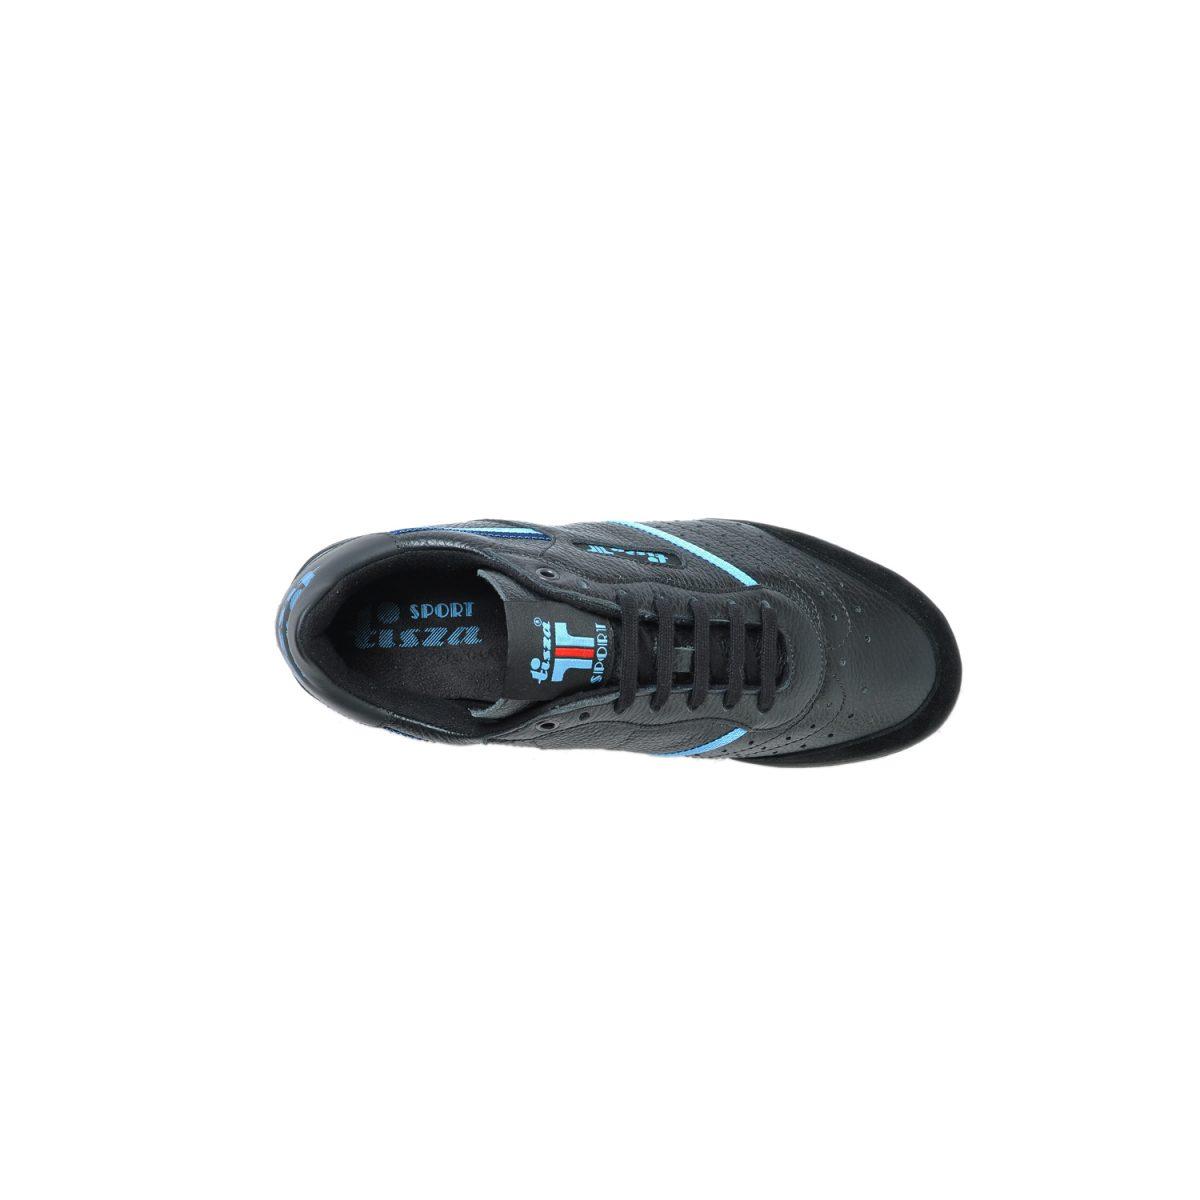 Tisza shoes - Sport - Black-blue